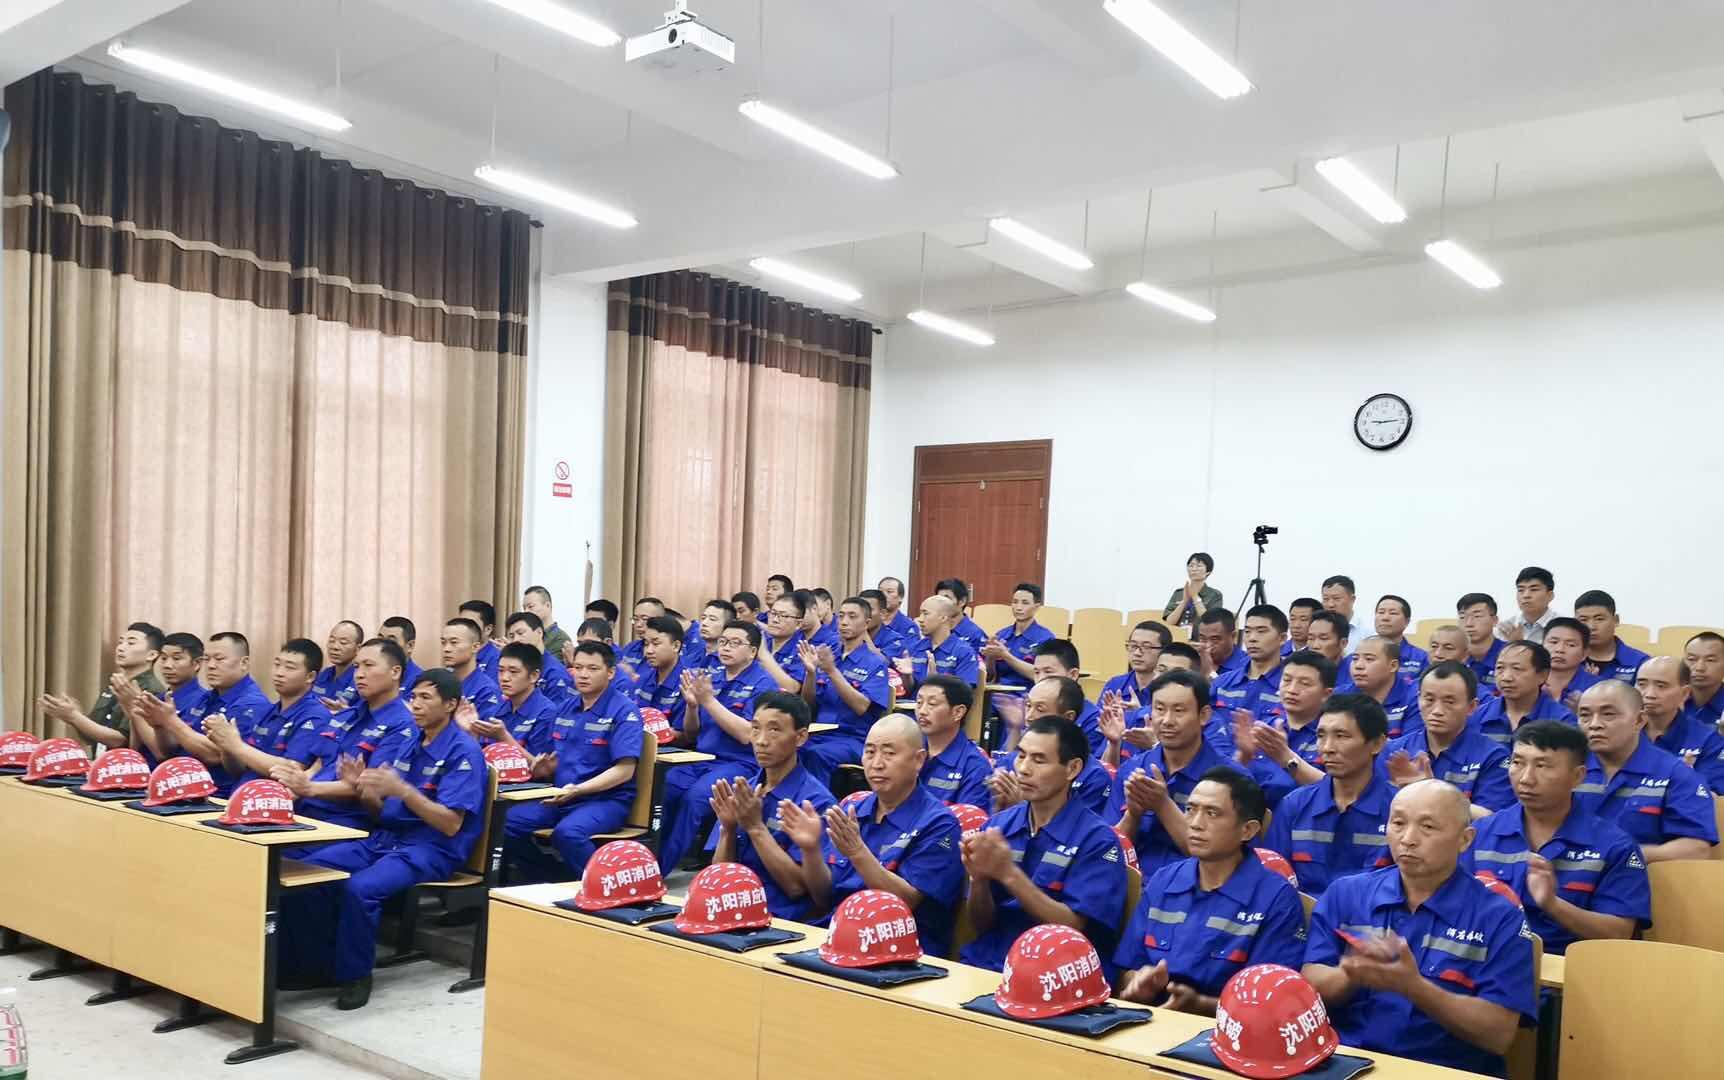 沈阳市消应职业技术培训学校